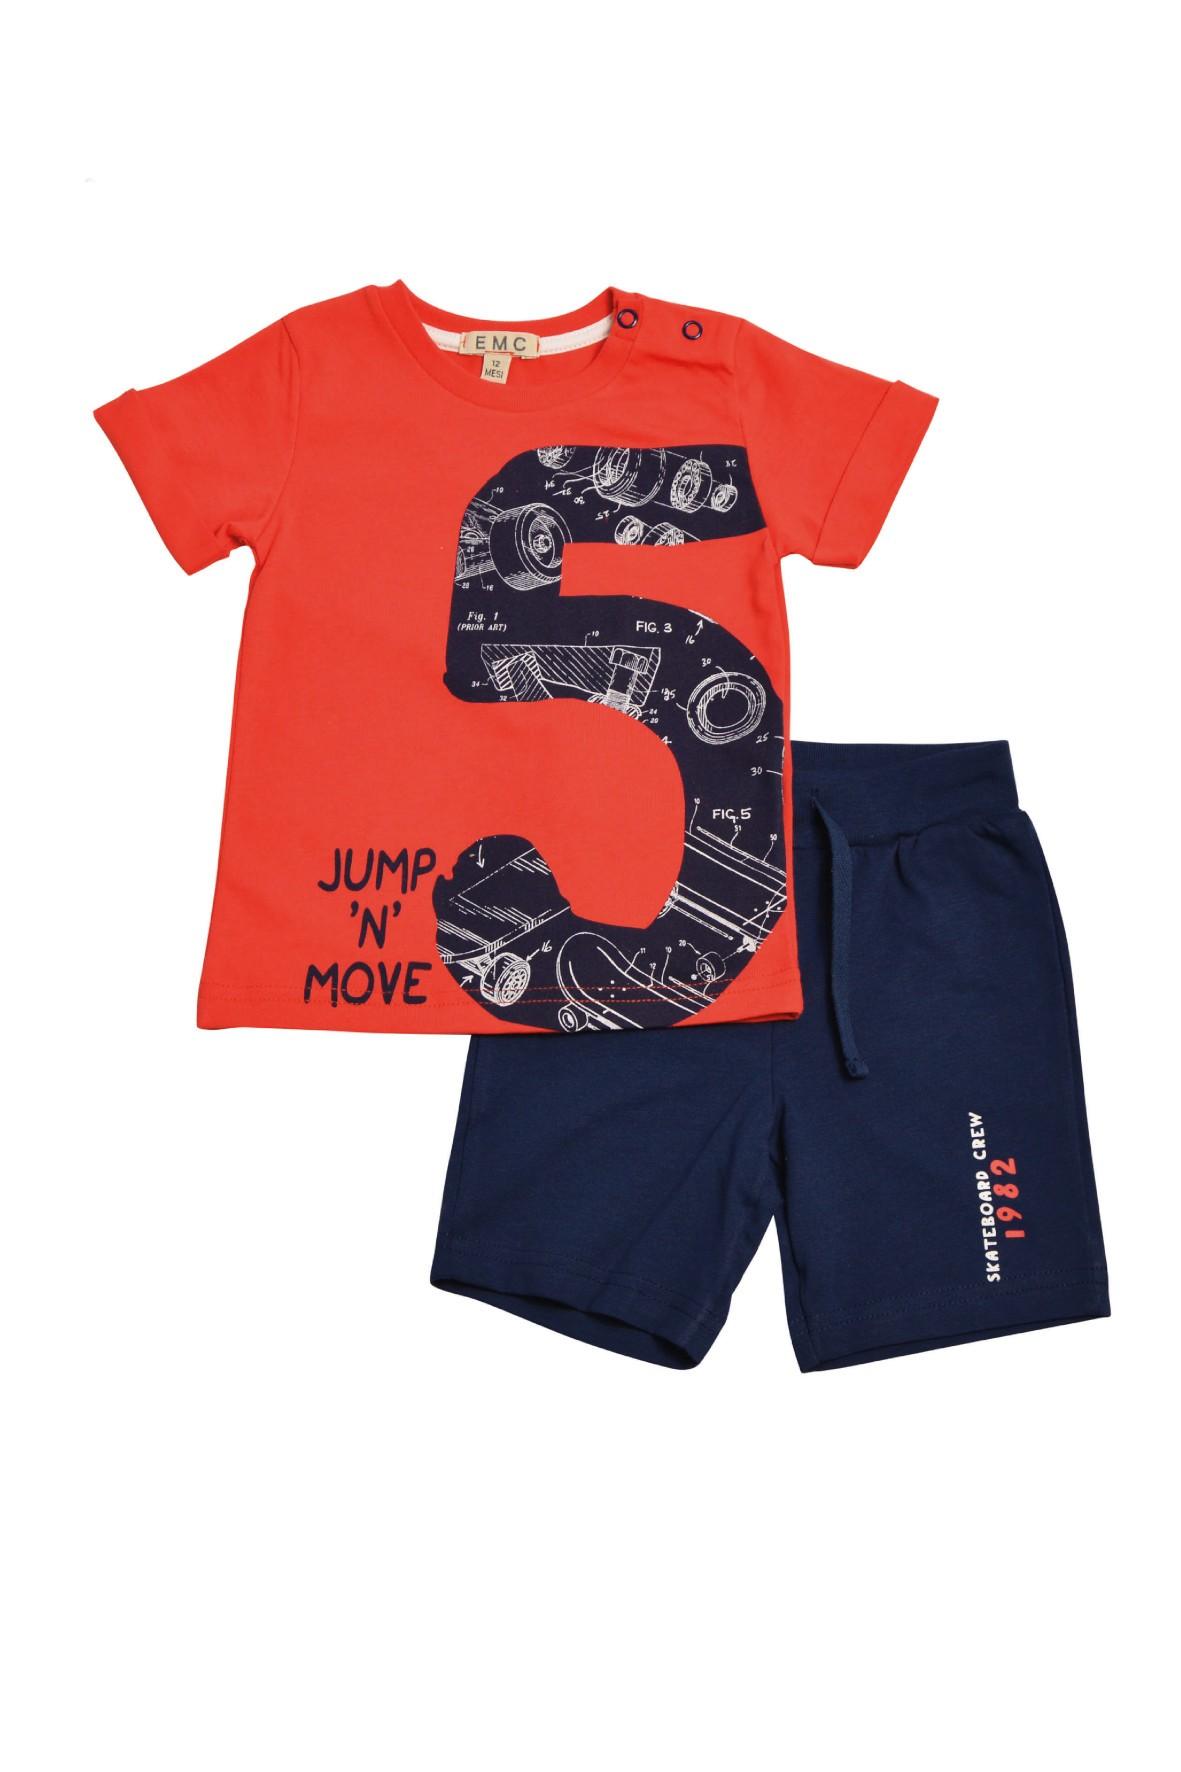 Zestaw ubrań dla chłopca szorty i koszulka